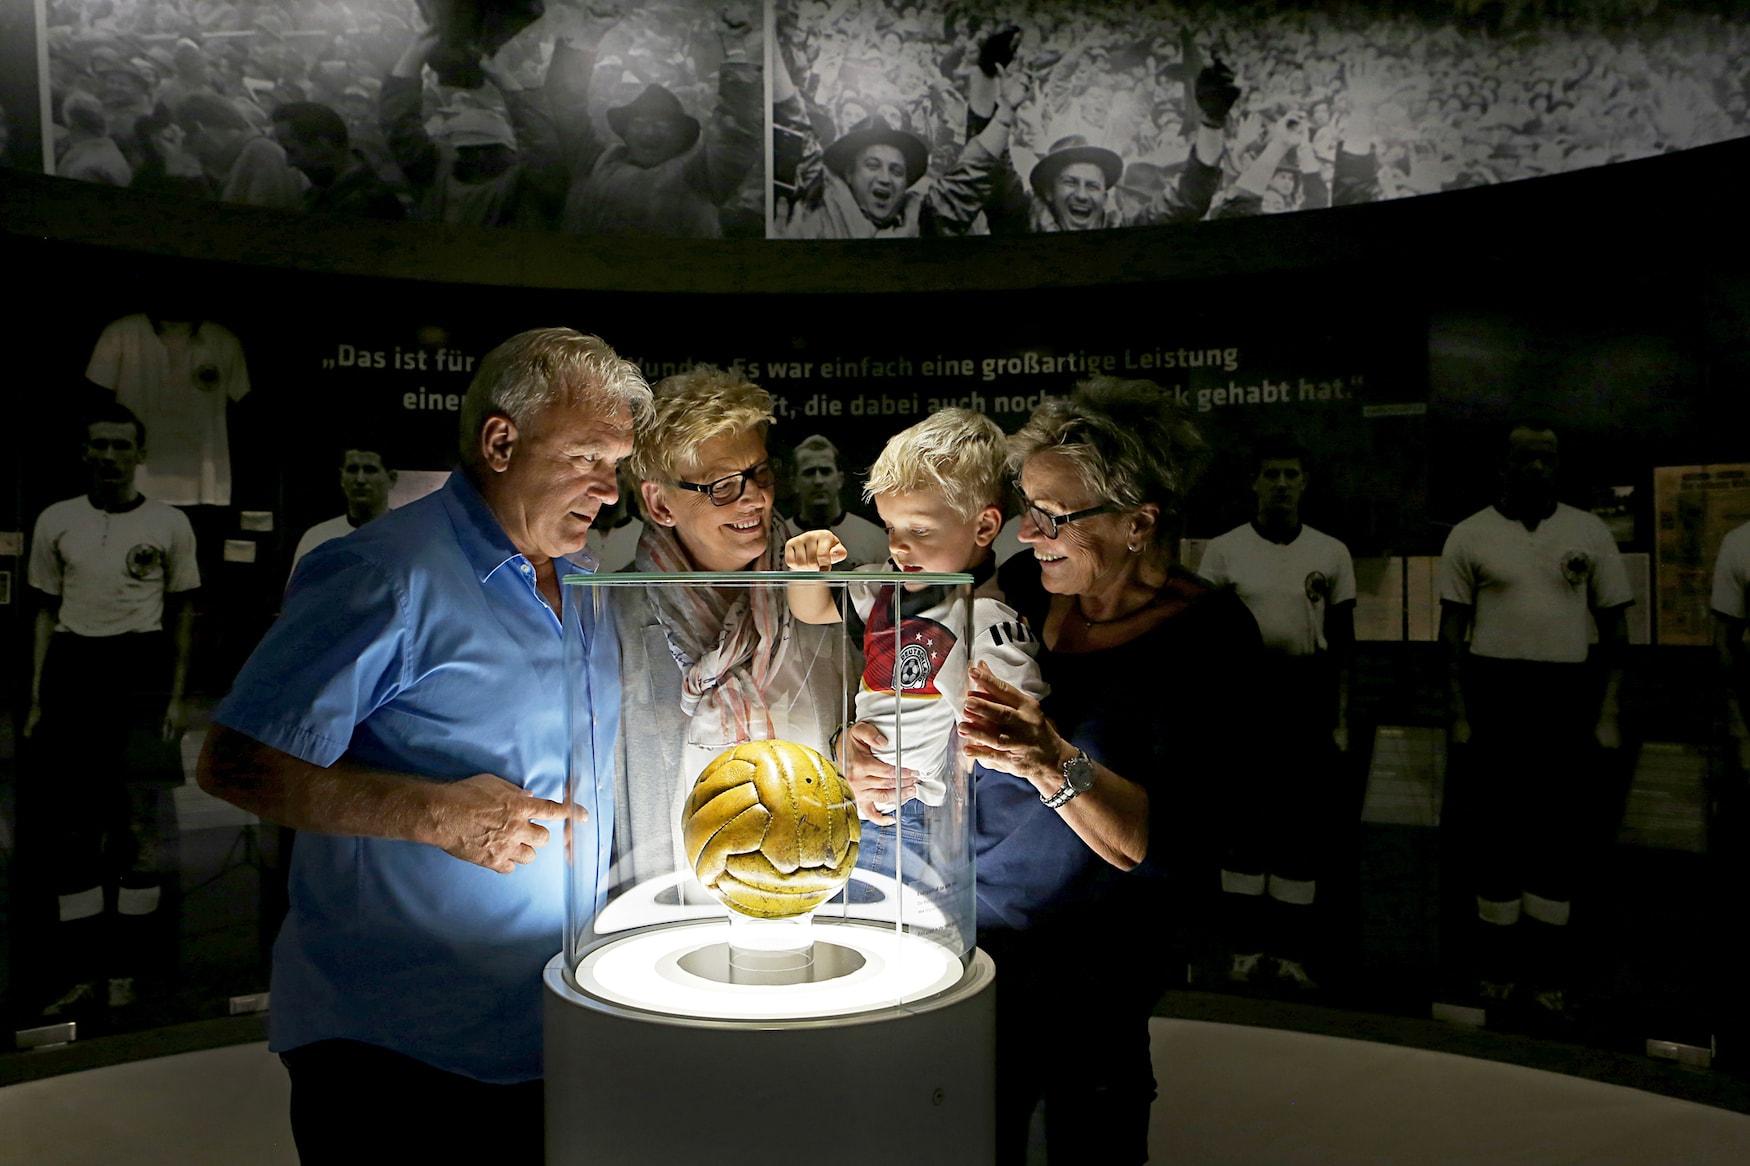 Familie informiert sich über die Fußballgeschichte Deutschlands